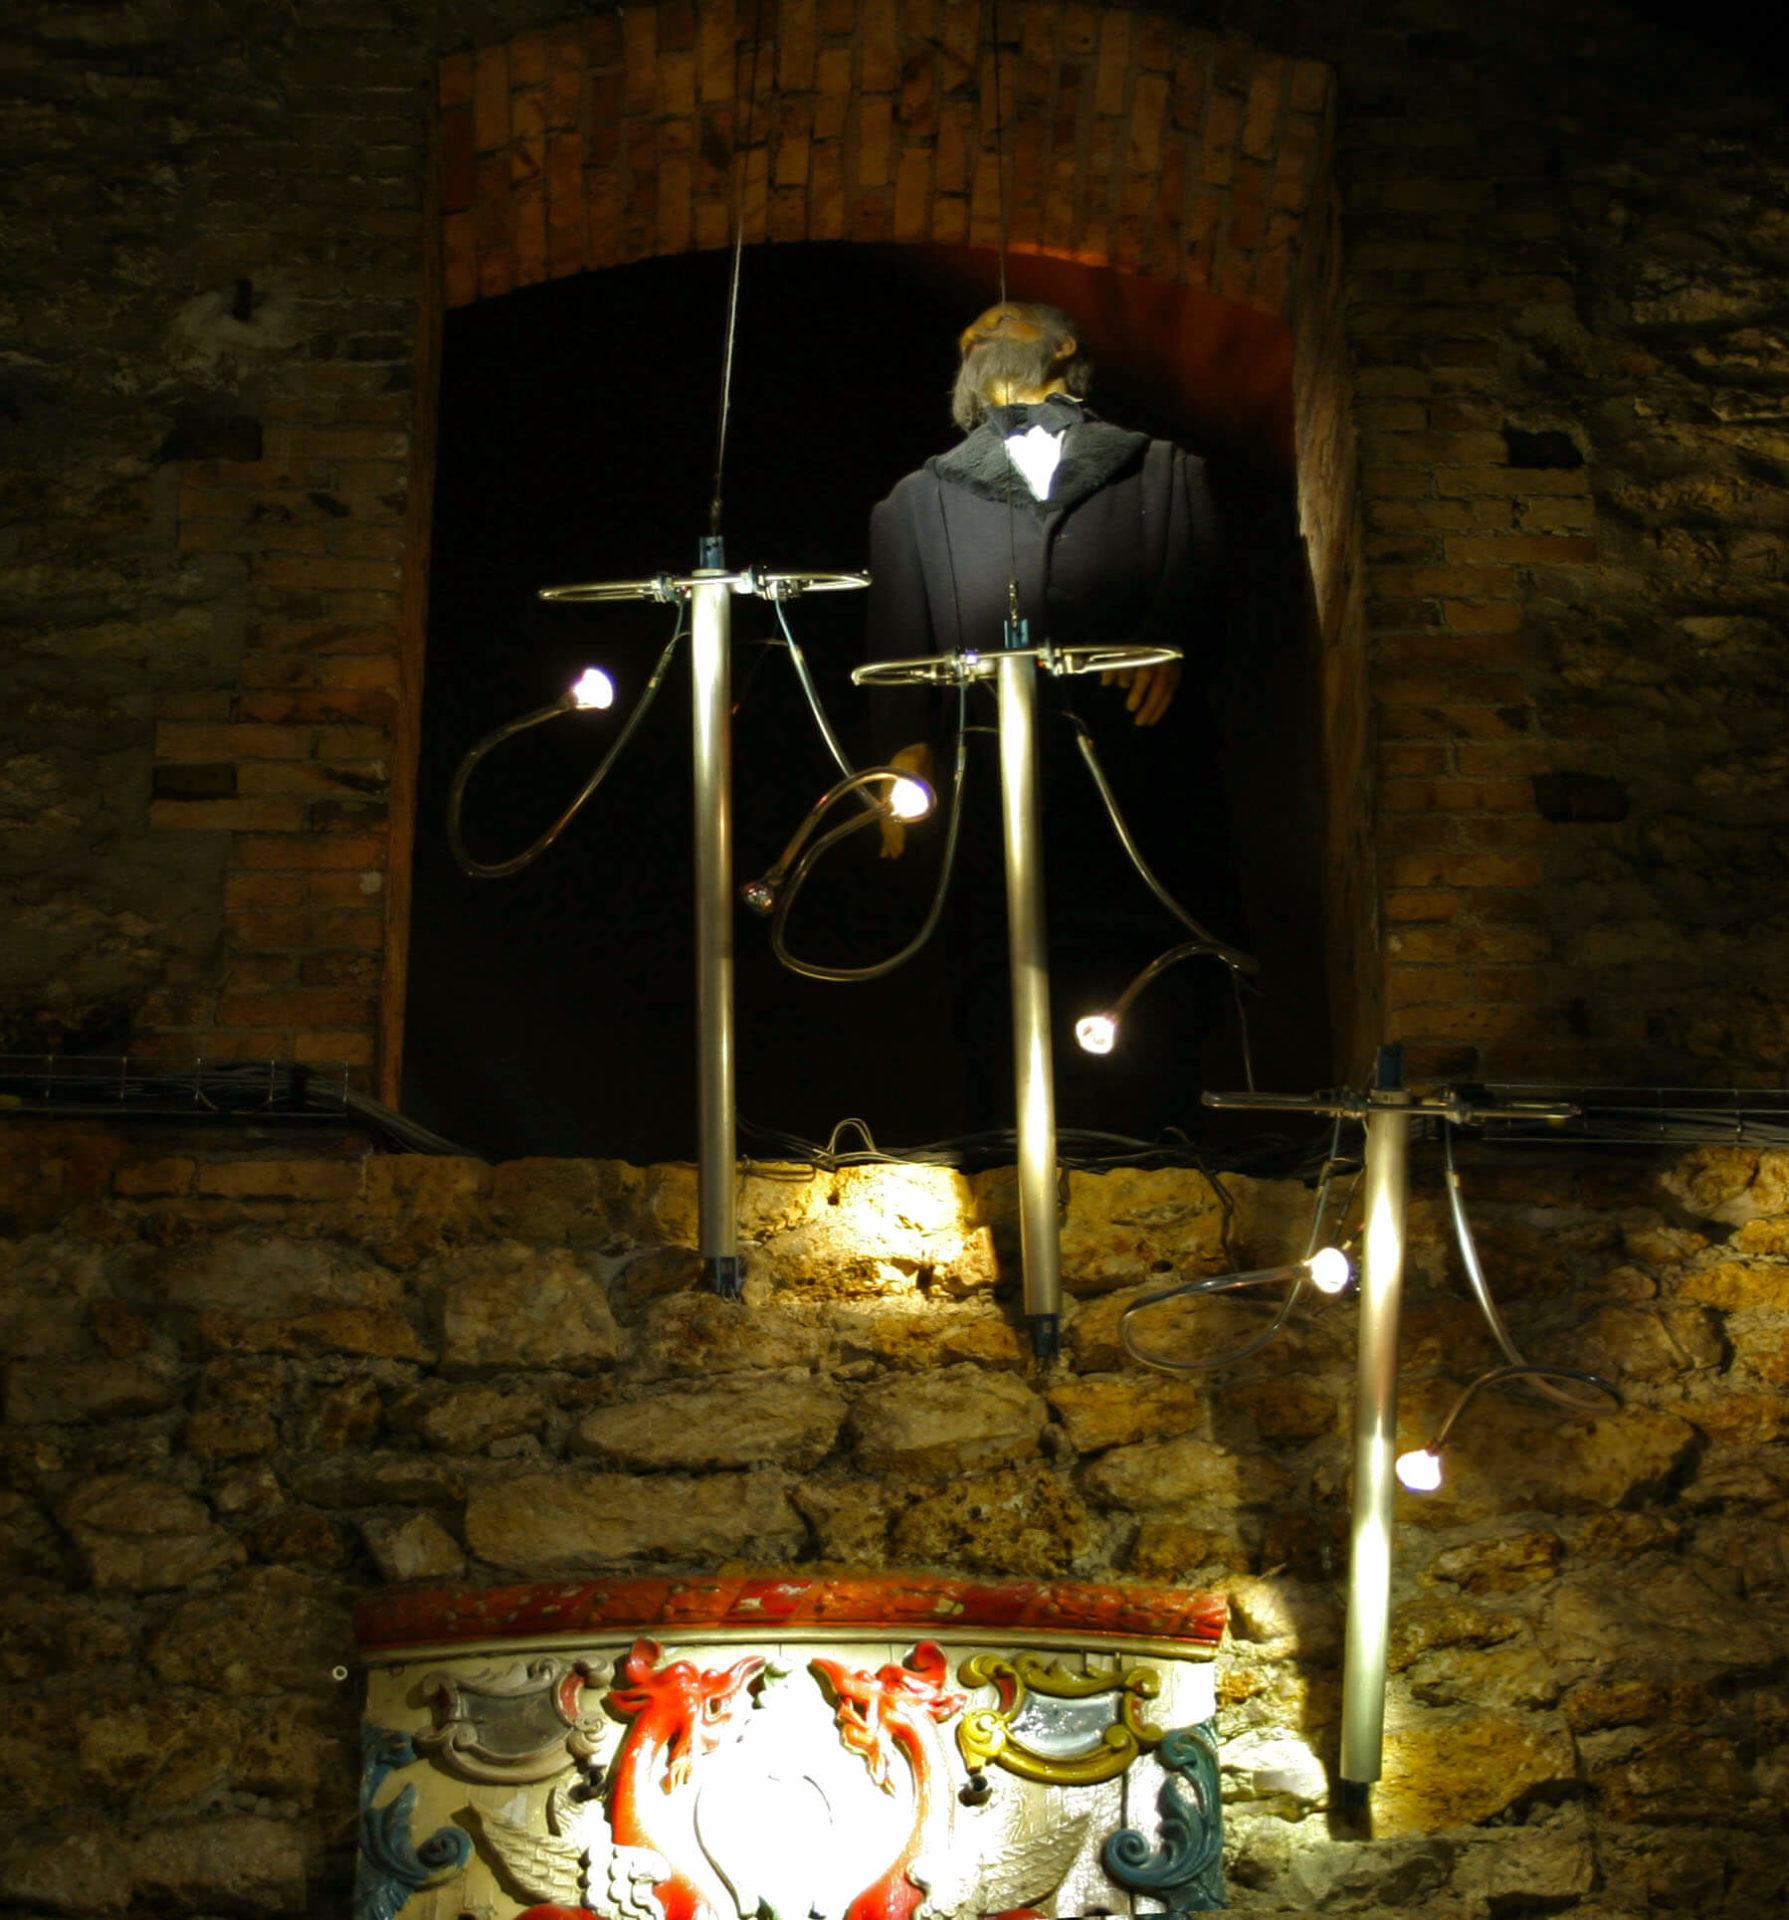 Photographie: dans la pénombre sur un mur 3 carillons tubulaires avec leurs lumières devant un personnage en cire